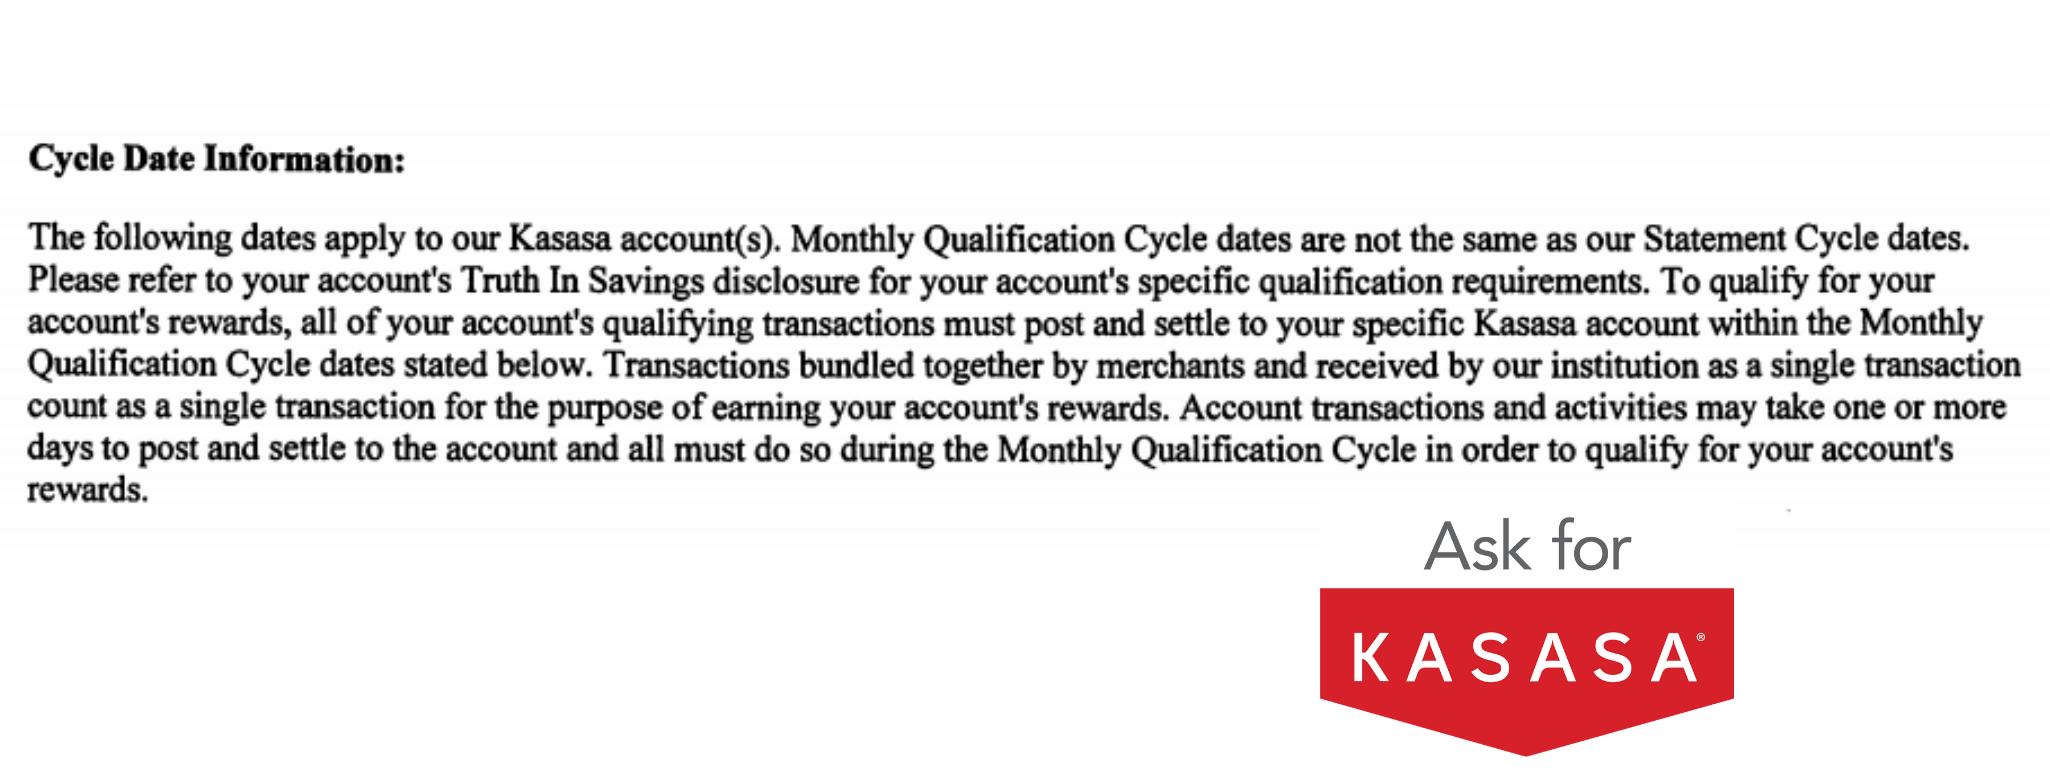 Text image describing the Kasasa Cycle